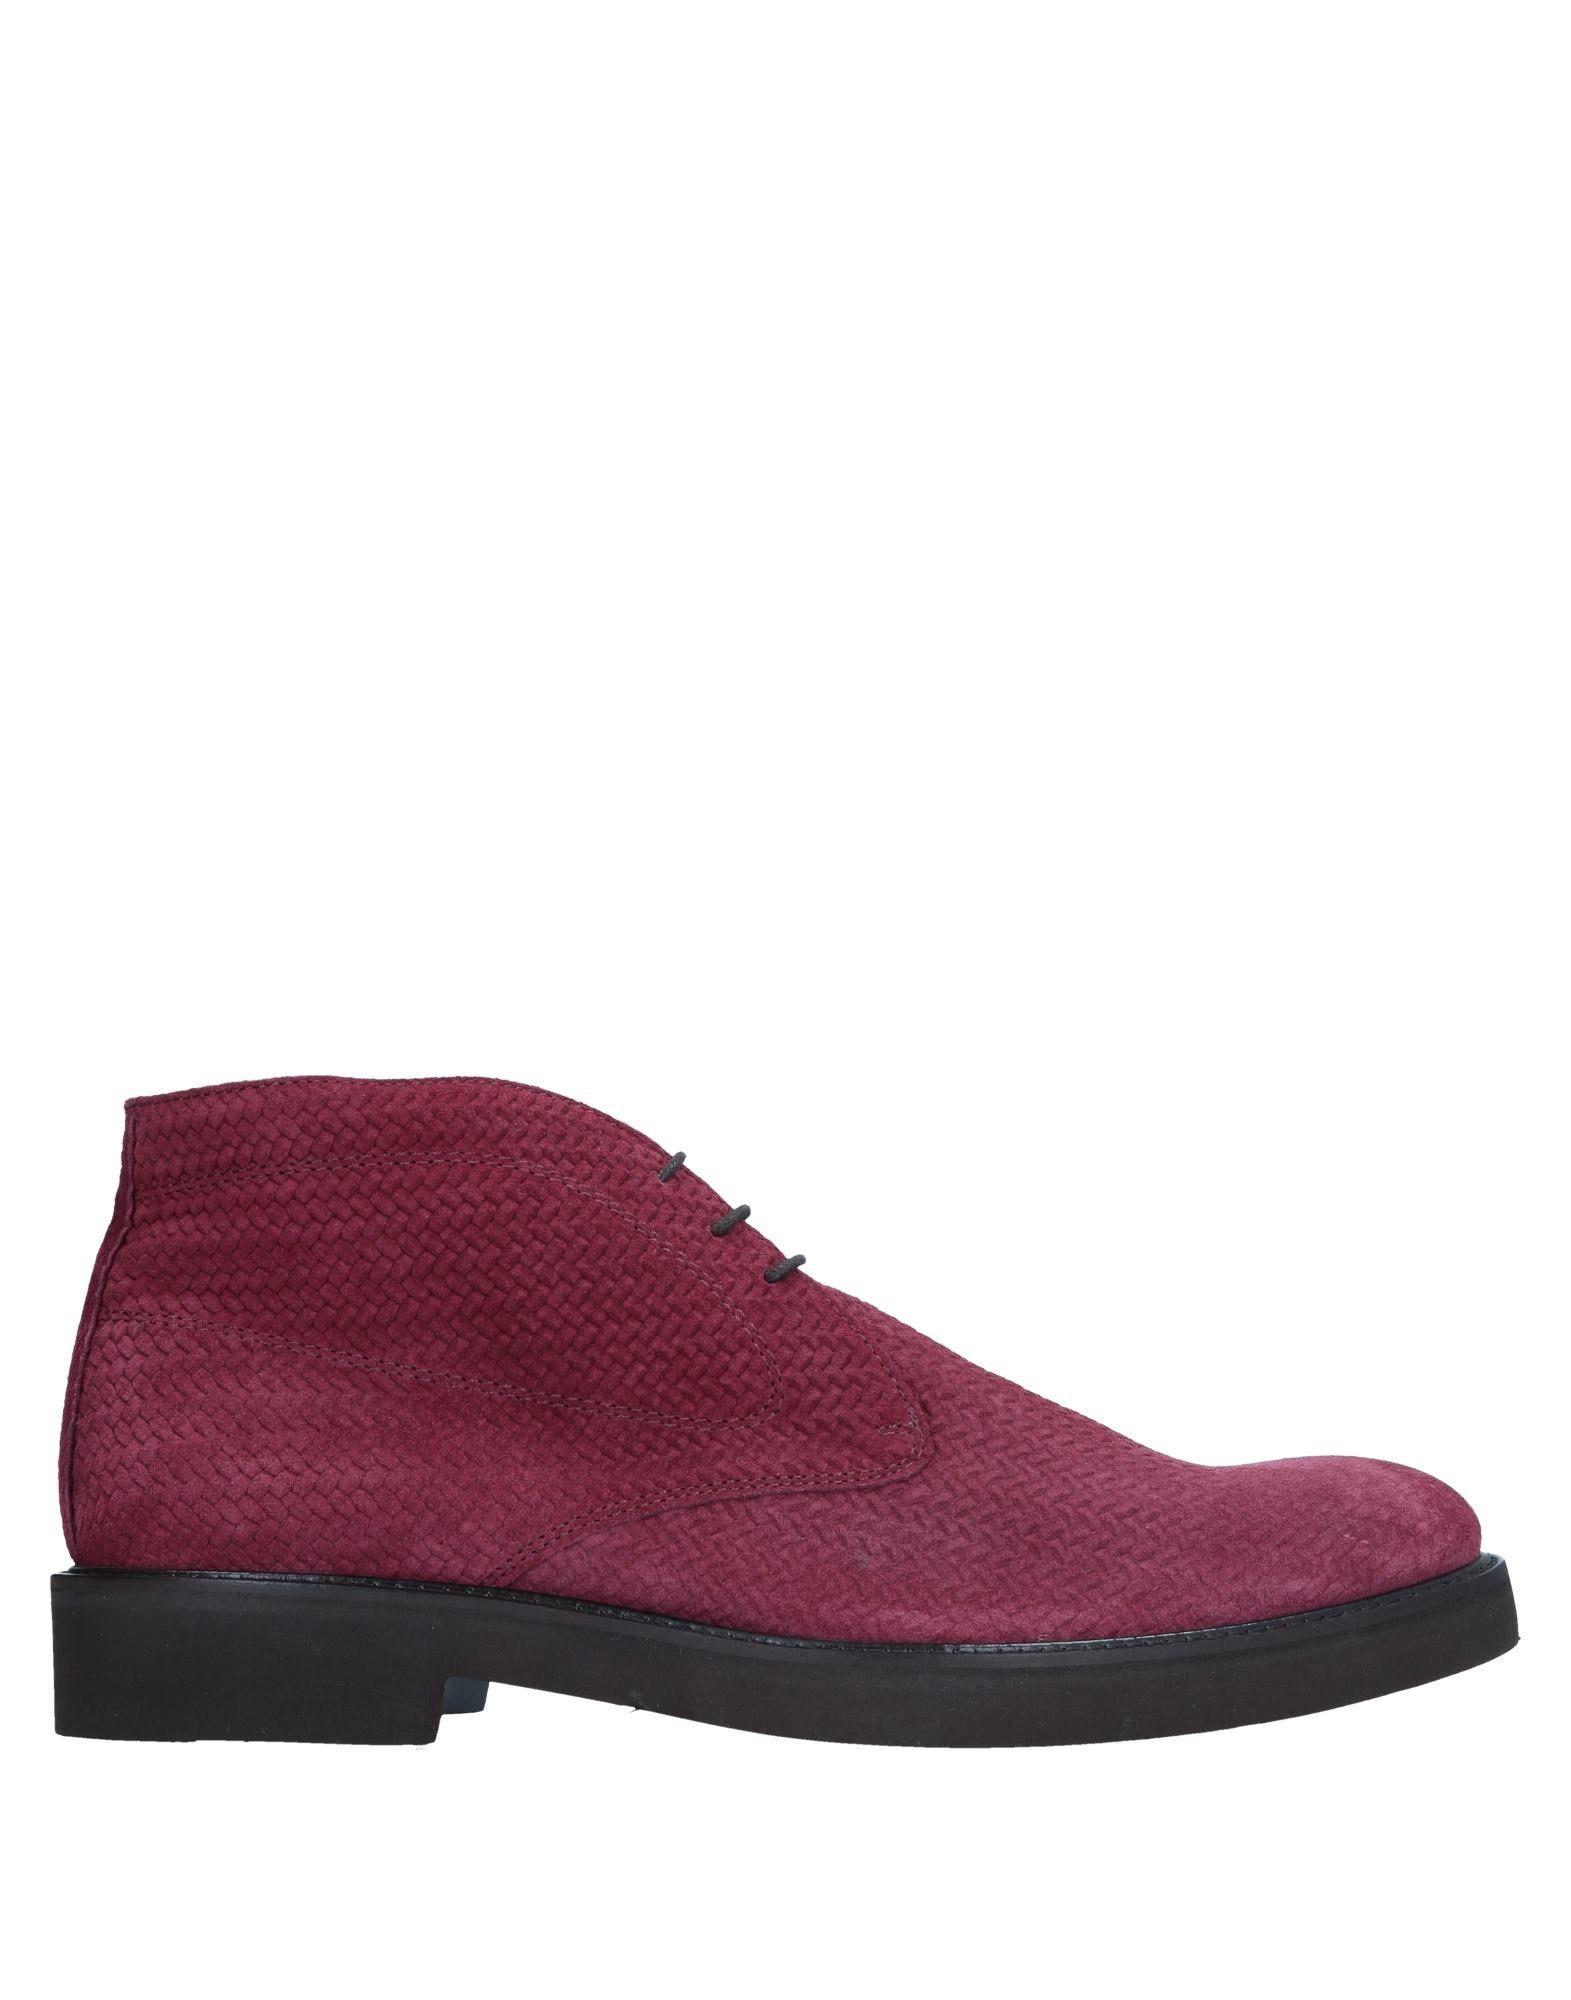 Rabatt Stiefelette echte Schuhe Gold Brothers Stiefelette Rabatt Herren  11540711IW c17426